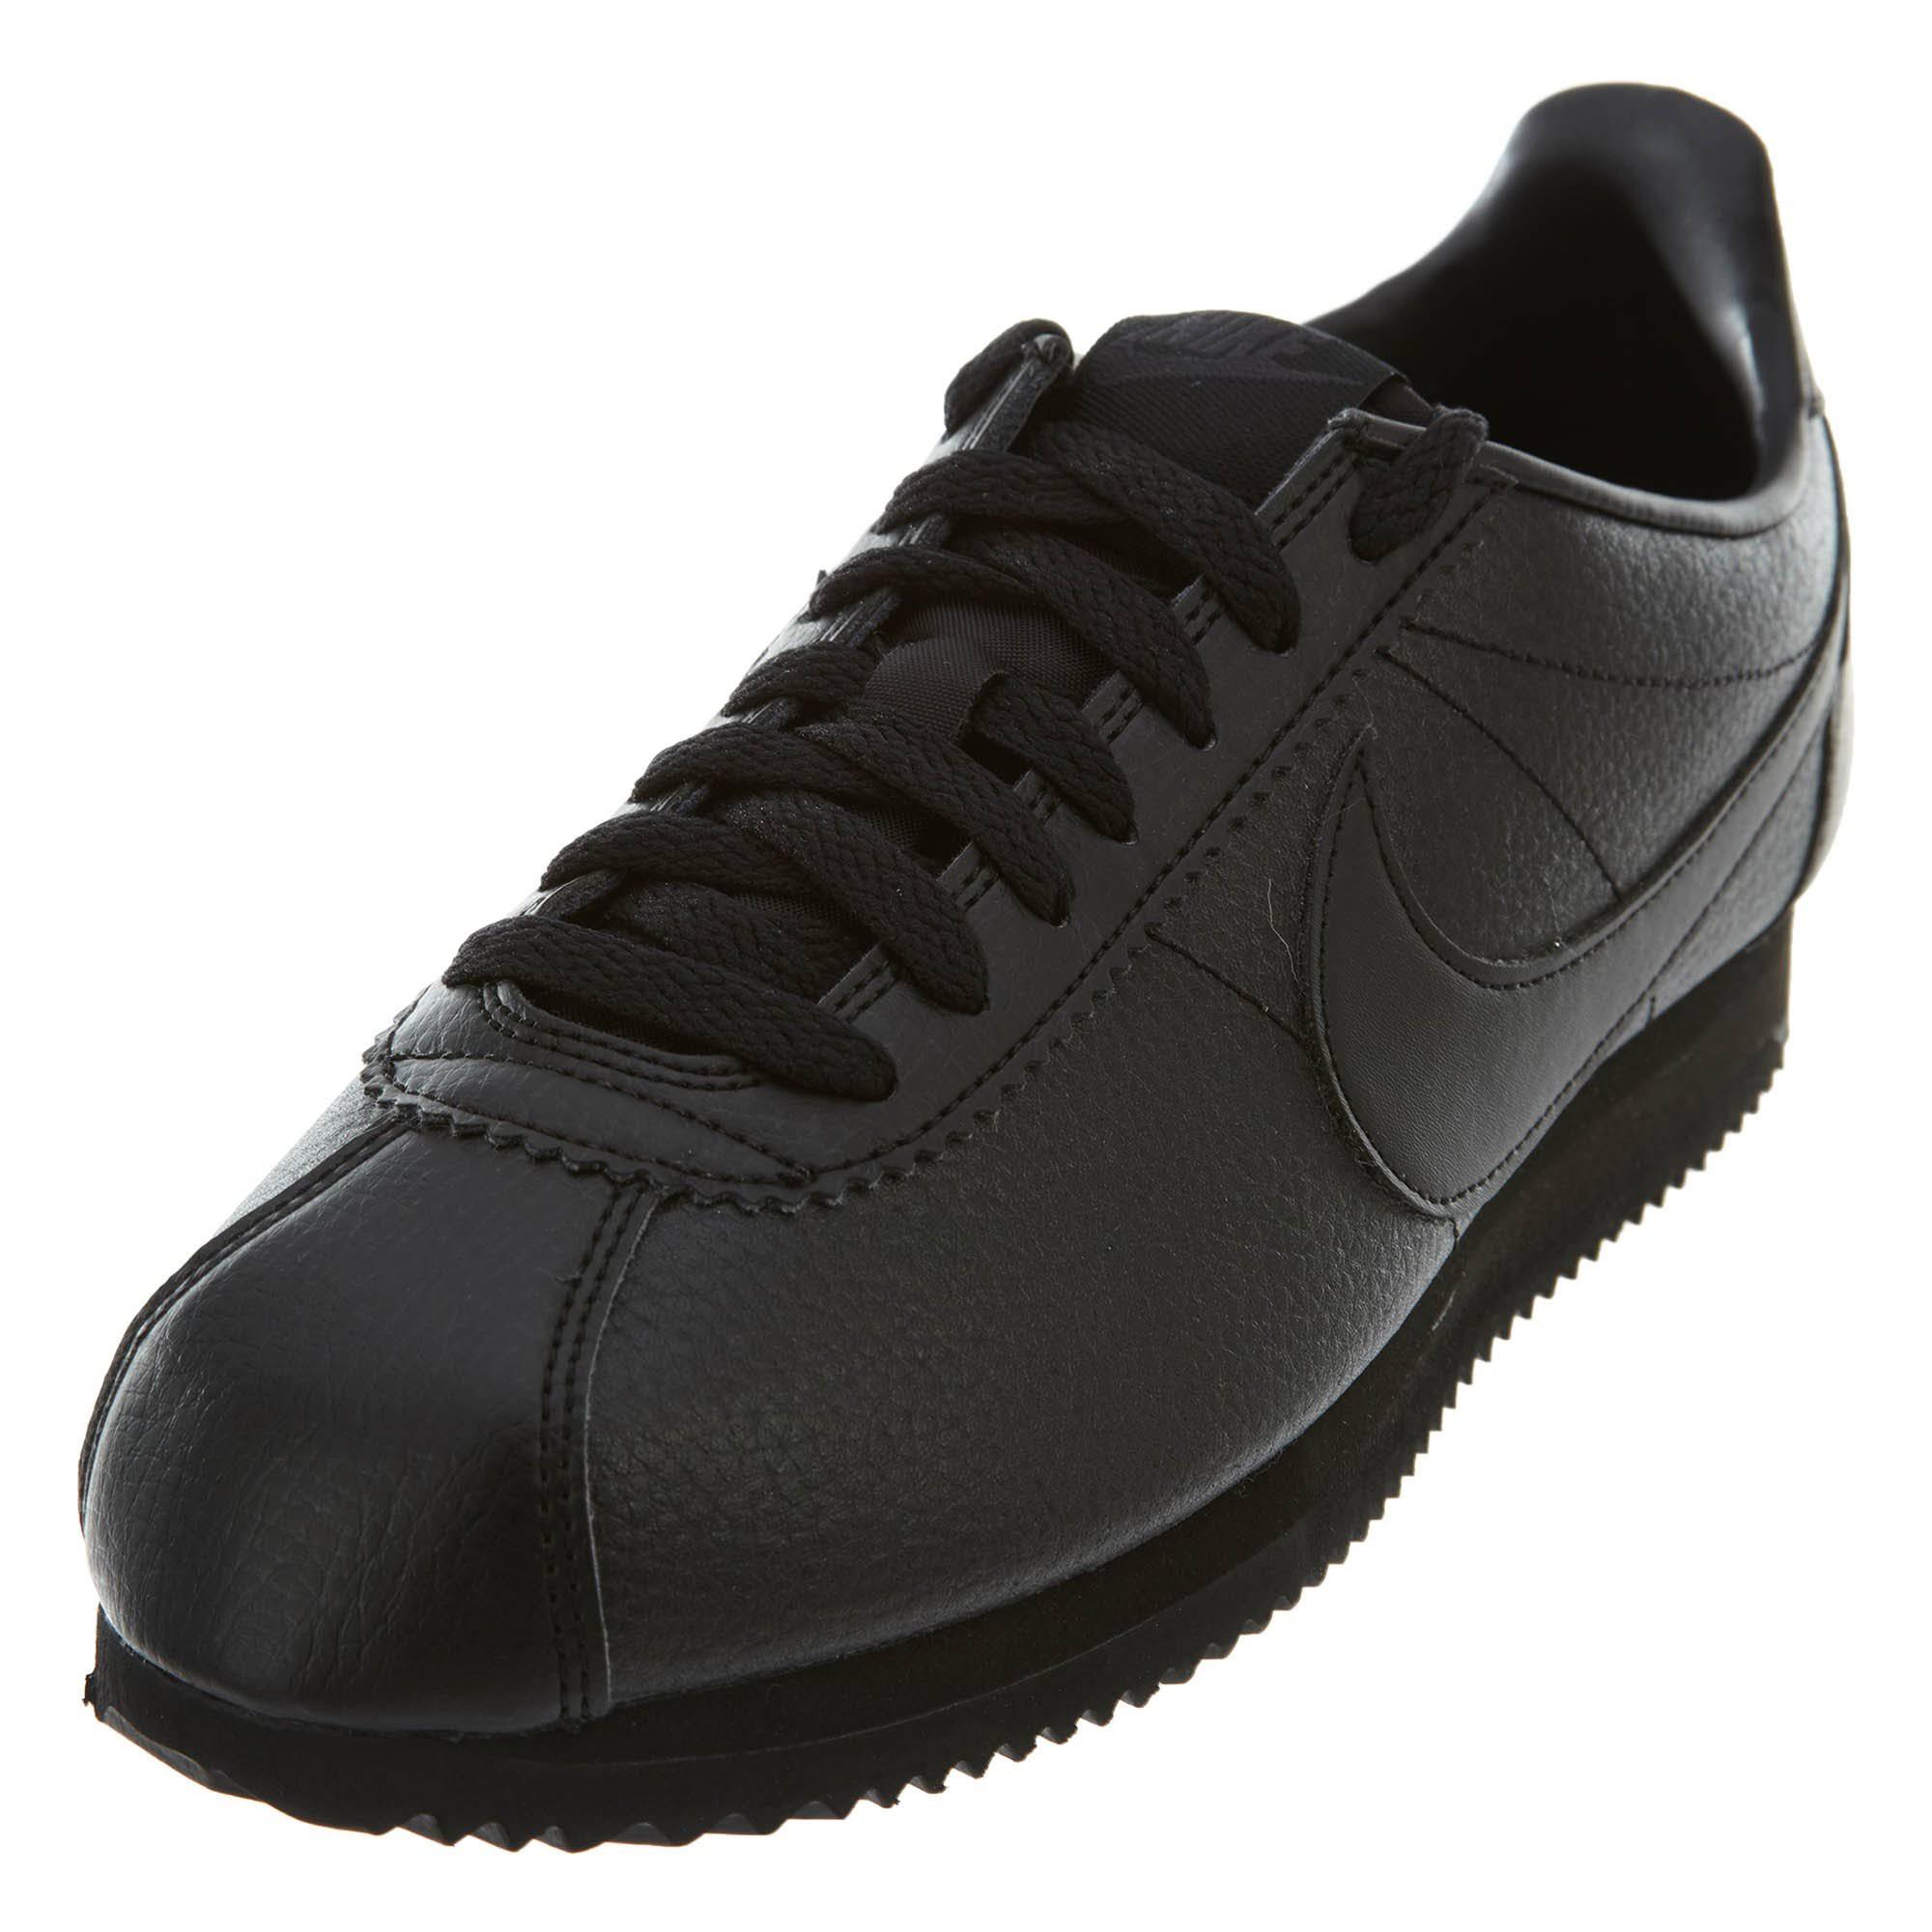 749571 anthracite Black Classic 002 Leather 8 Cortez Nike Black wZYnxXw6